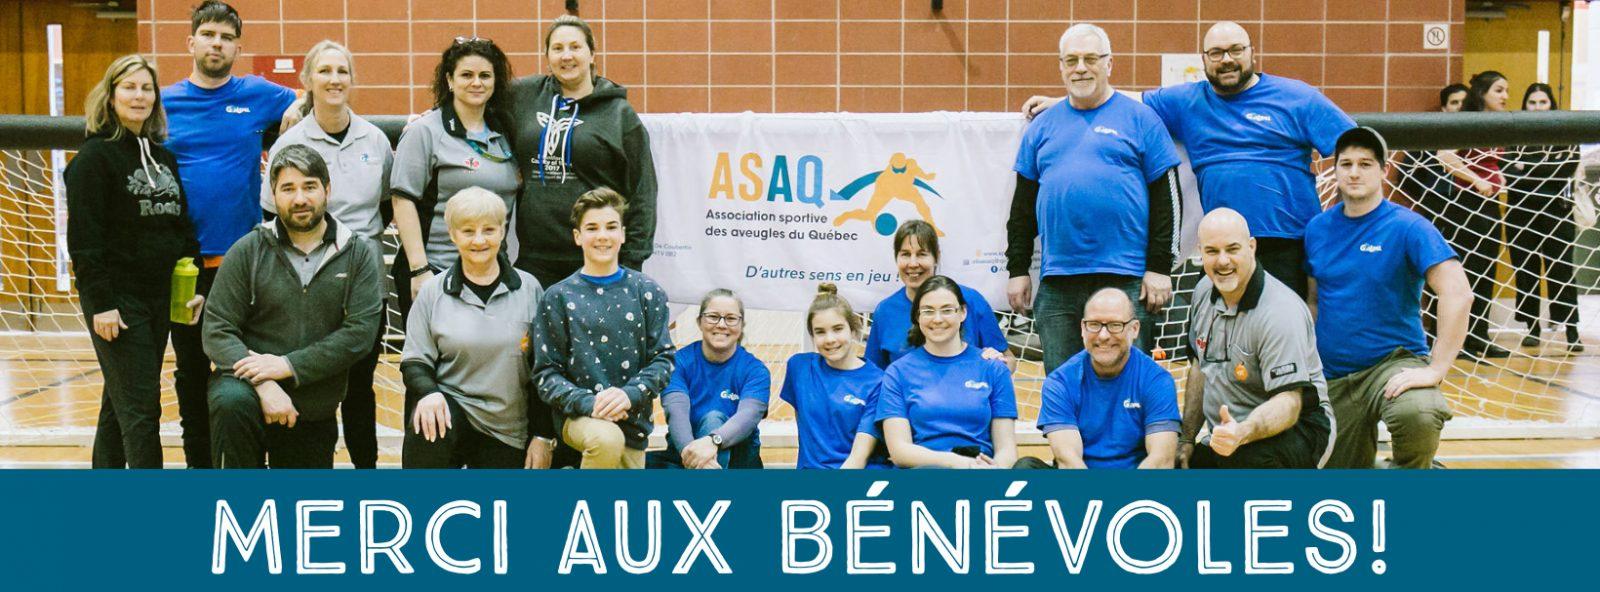 Bandeau Merci aux bénévoles - Photo de quelques arbitres et officiers mineurs devant un but de goaball avec le logo de l'ASAQ au centre de l'image. Crédit-photo: Merryl B. Photographe.